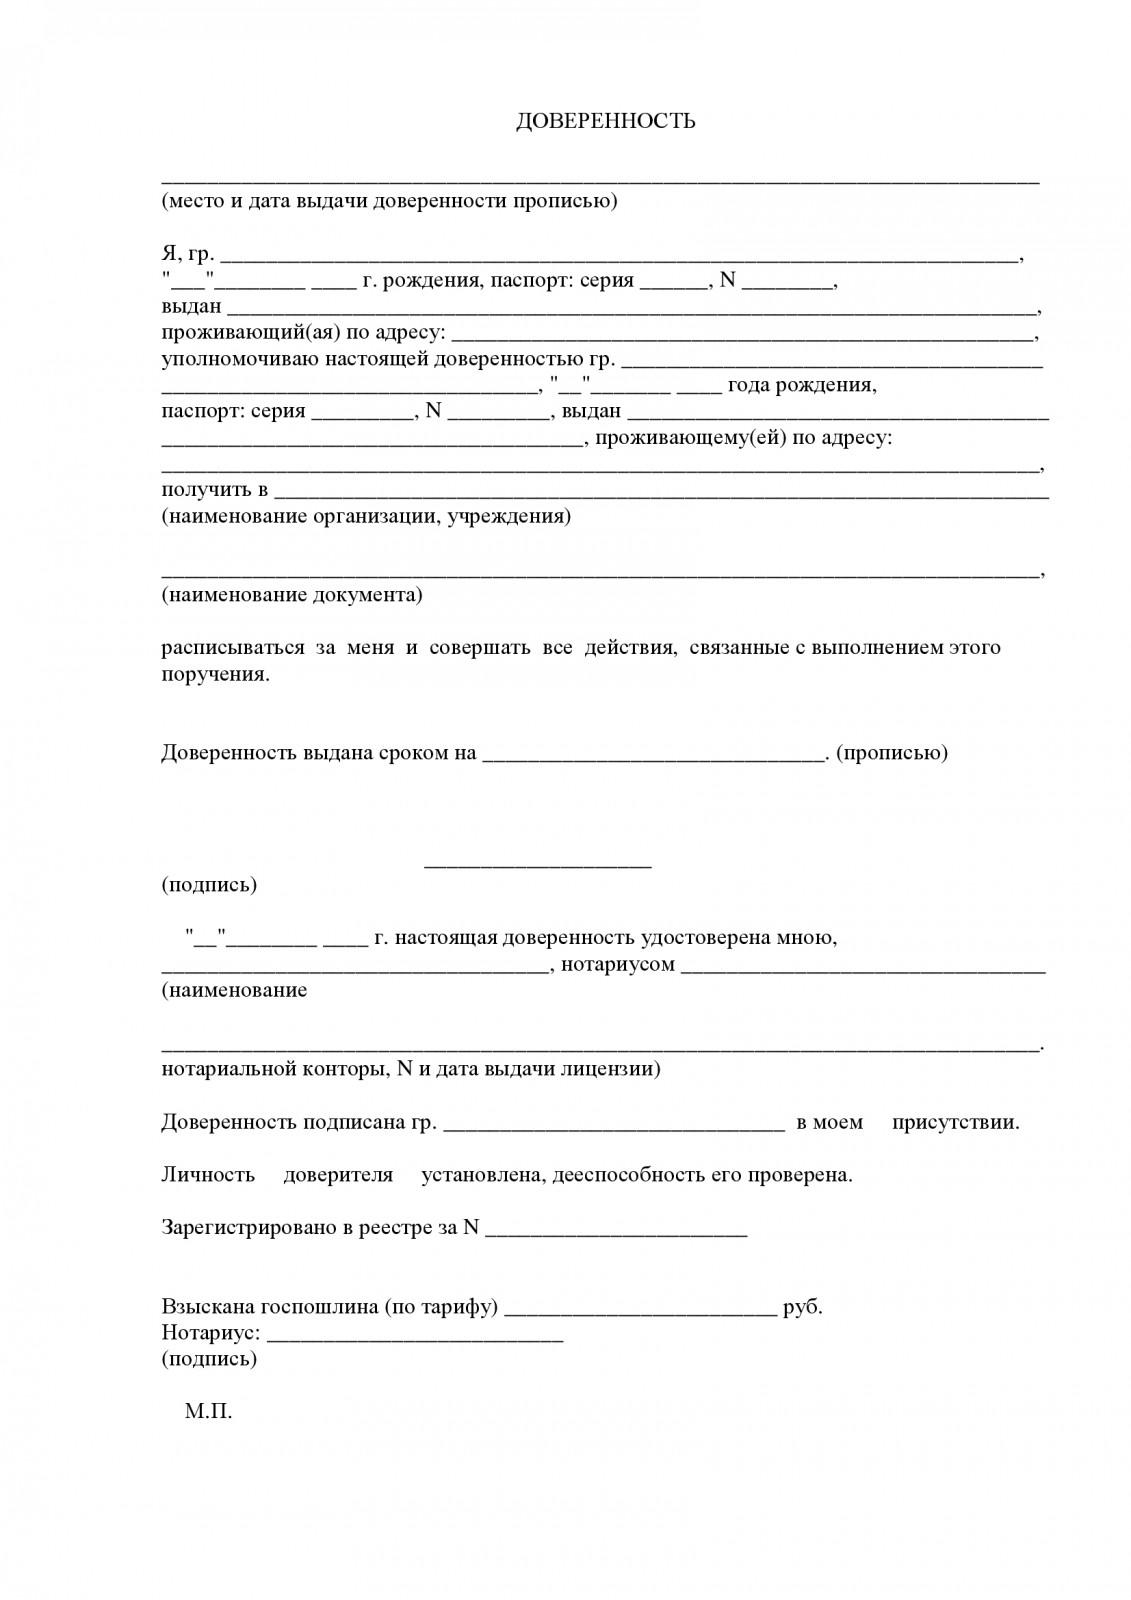 Документы для получения наследства в банке